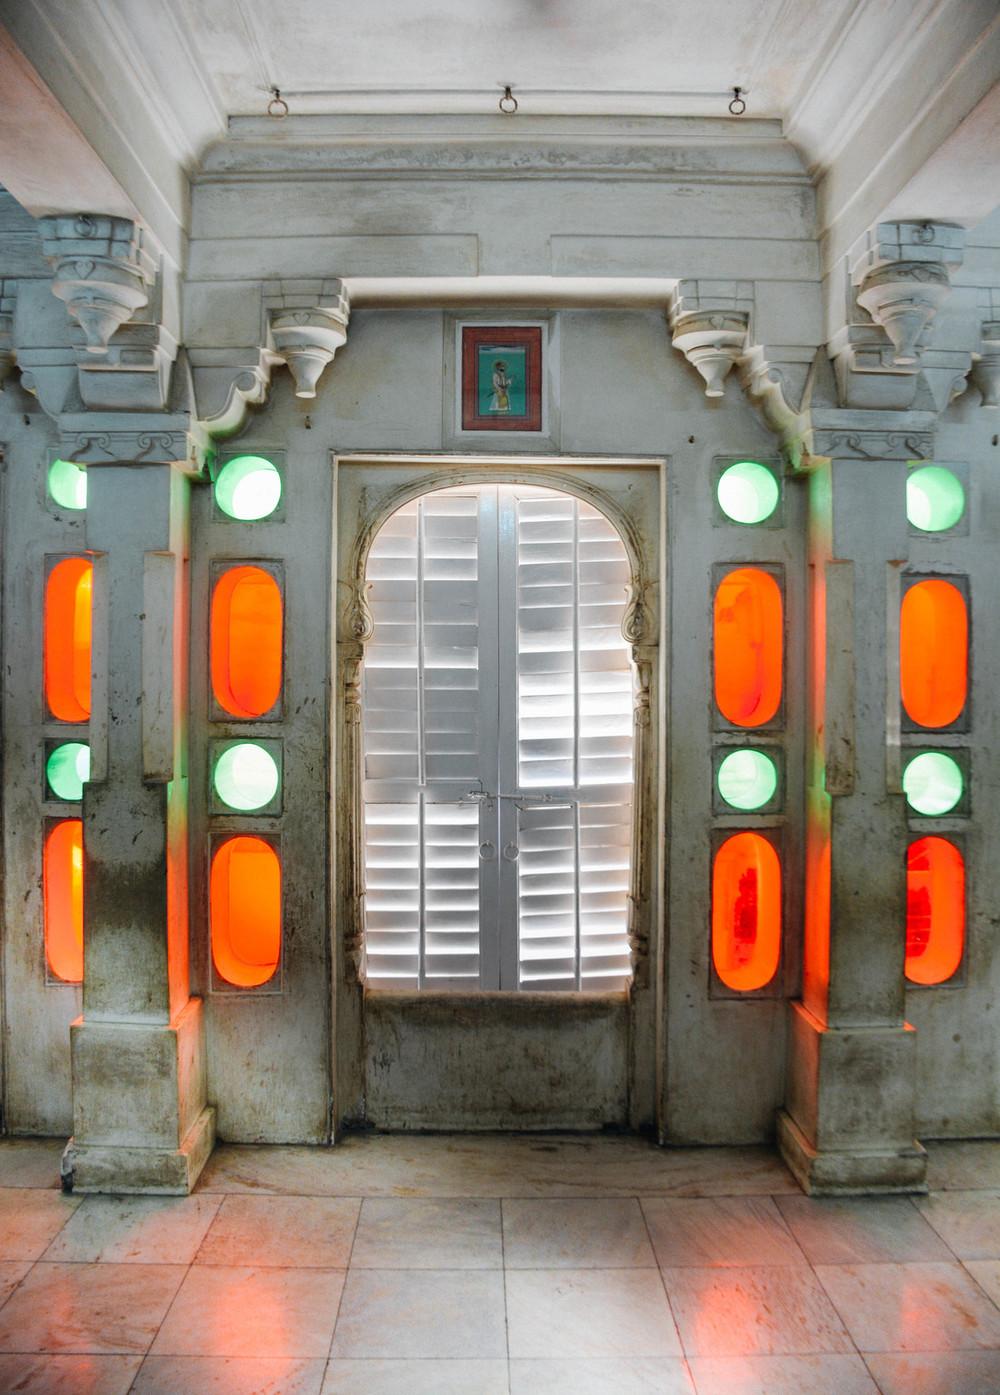 udaipur_whereisper_nikon-5479.jpg